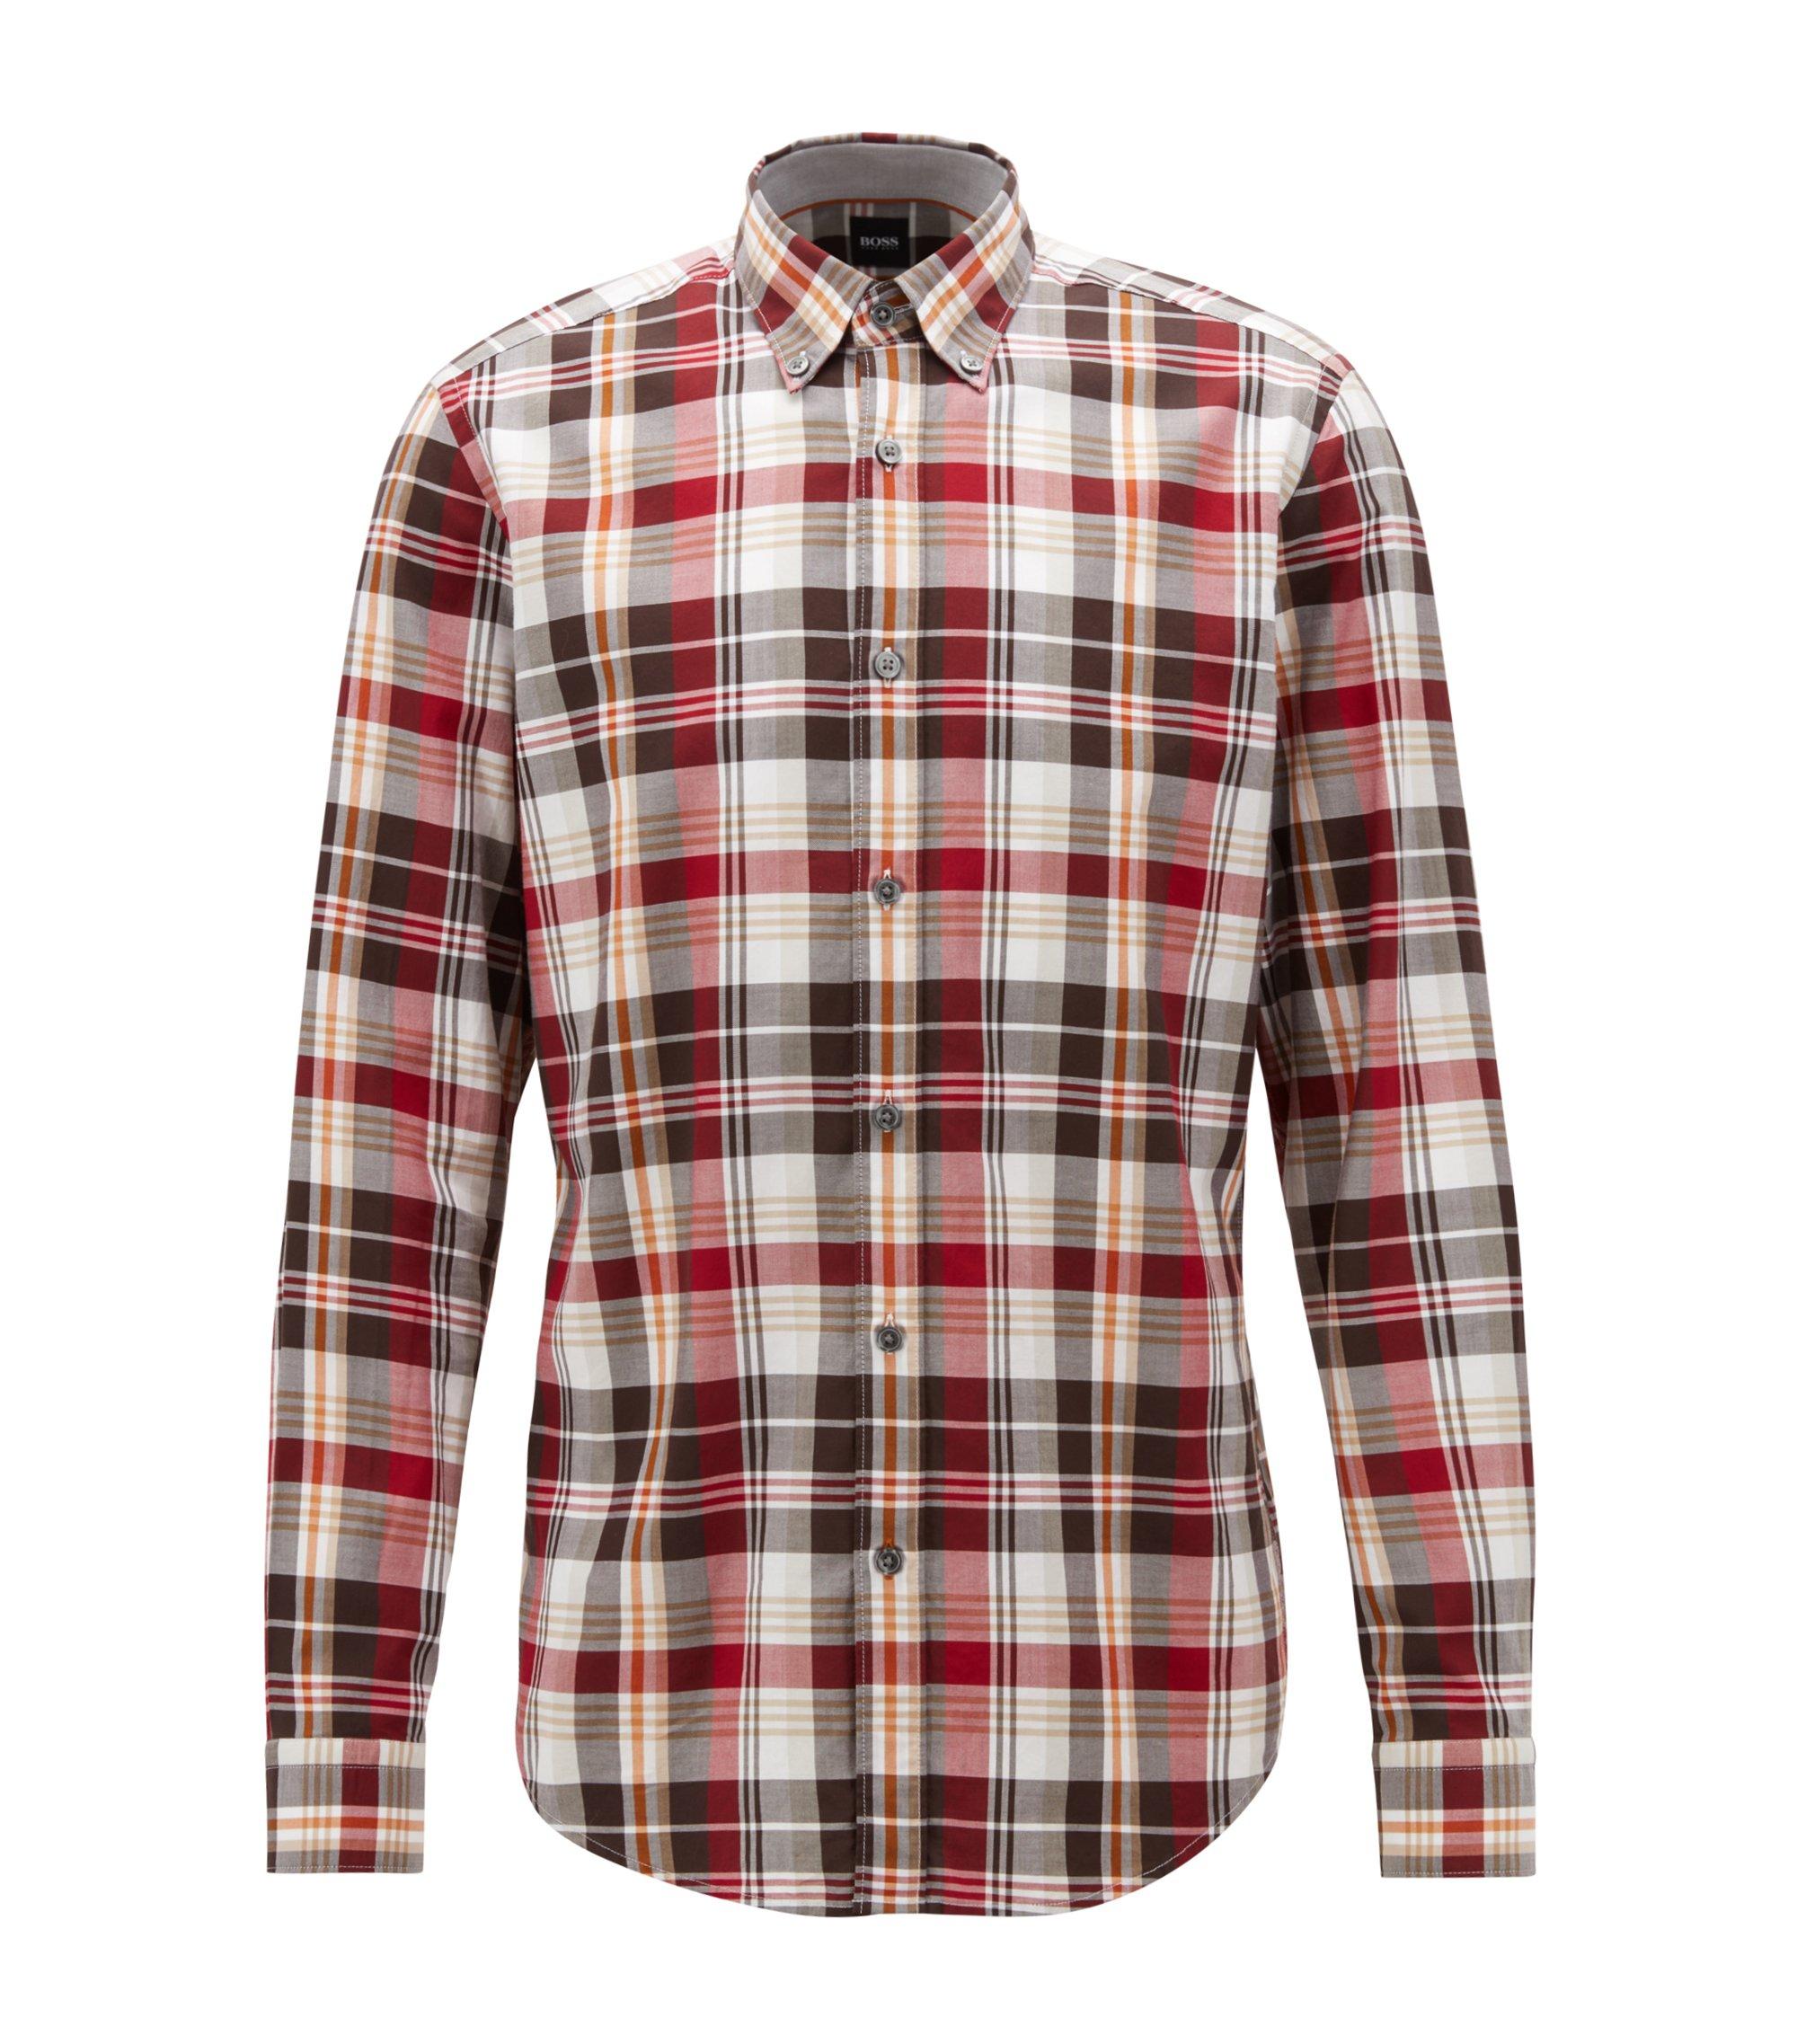 Chemise Regular Fit en sergé de coton à carreaux, Rouge sombre